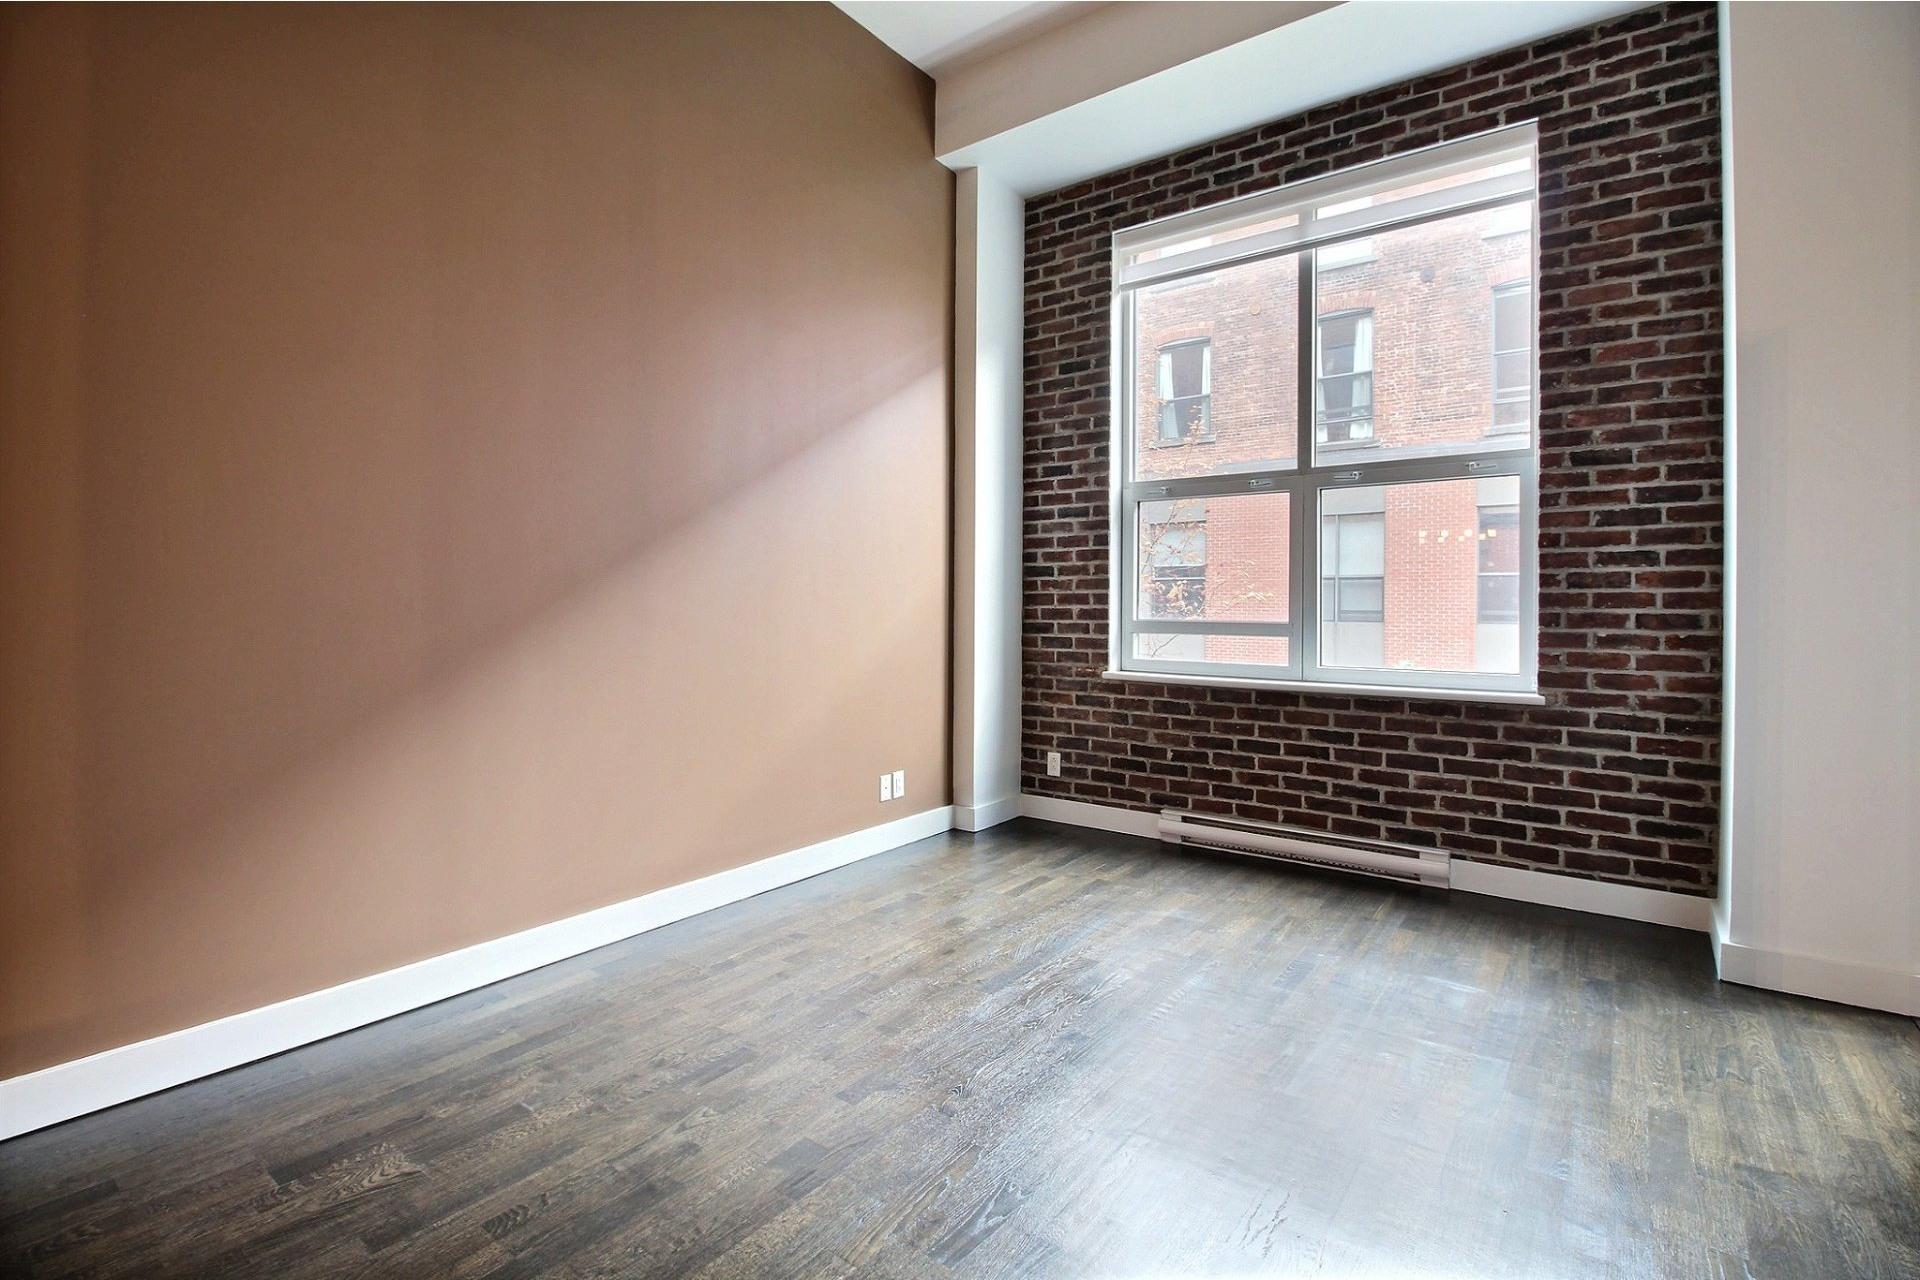 image 8 - Apartment For rent Mercier/Hochelaga-Maisonneuve Montréal  - 6 rooms